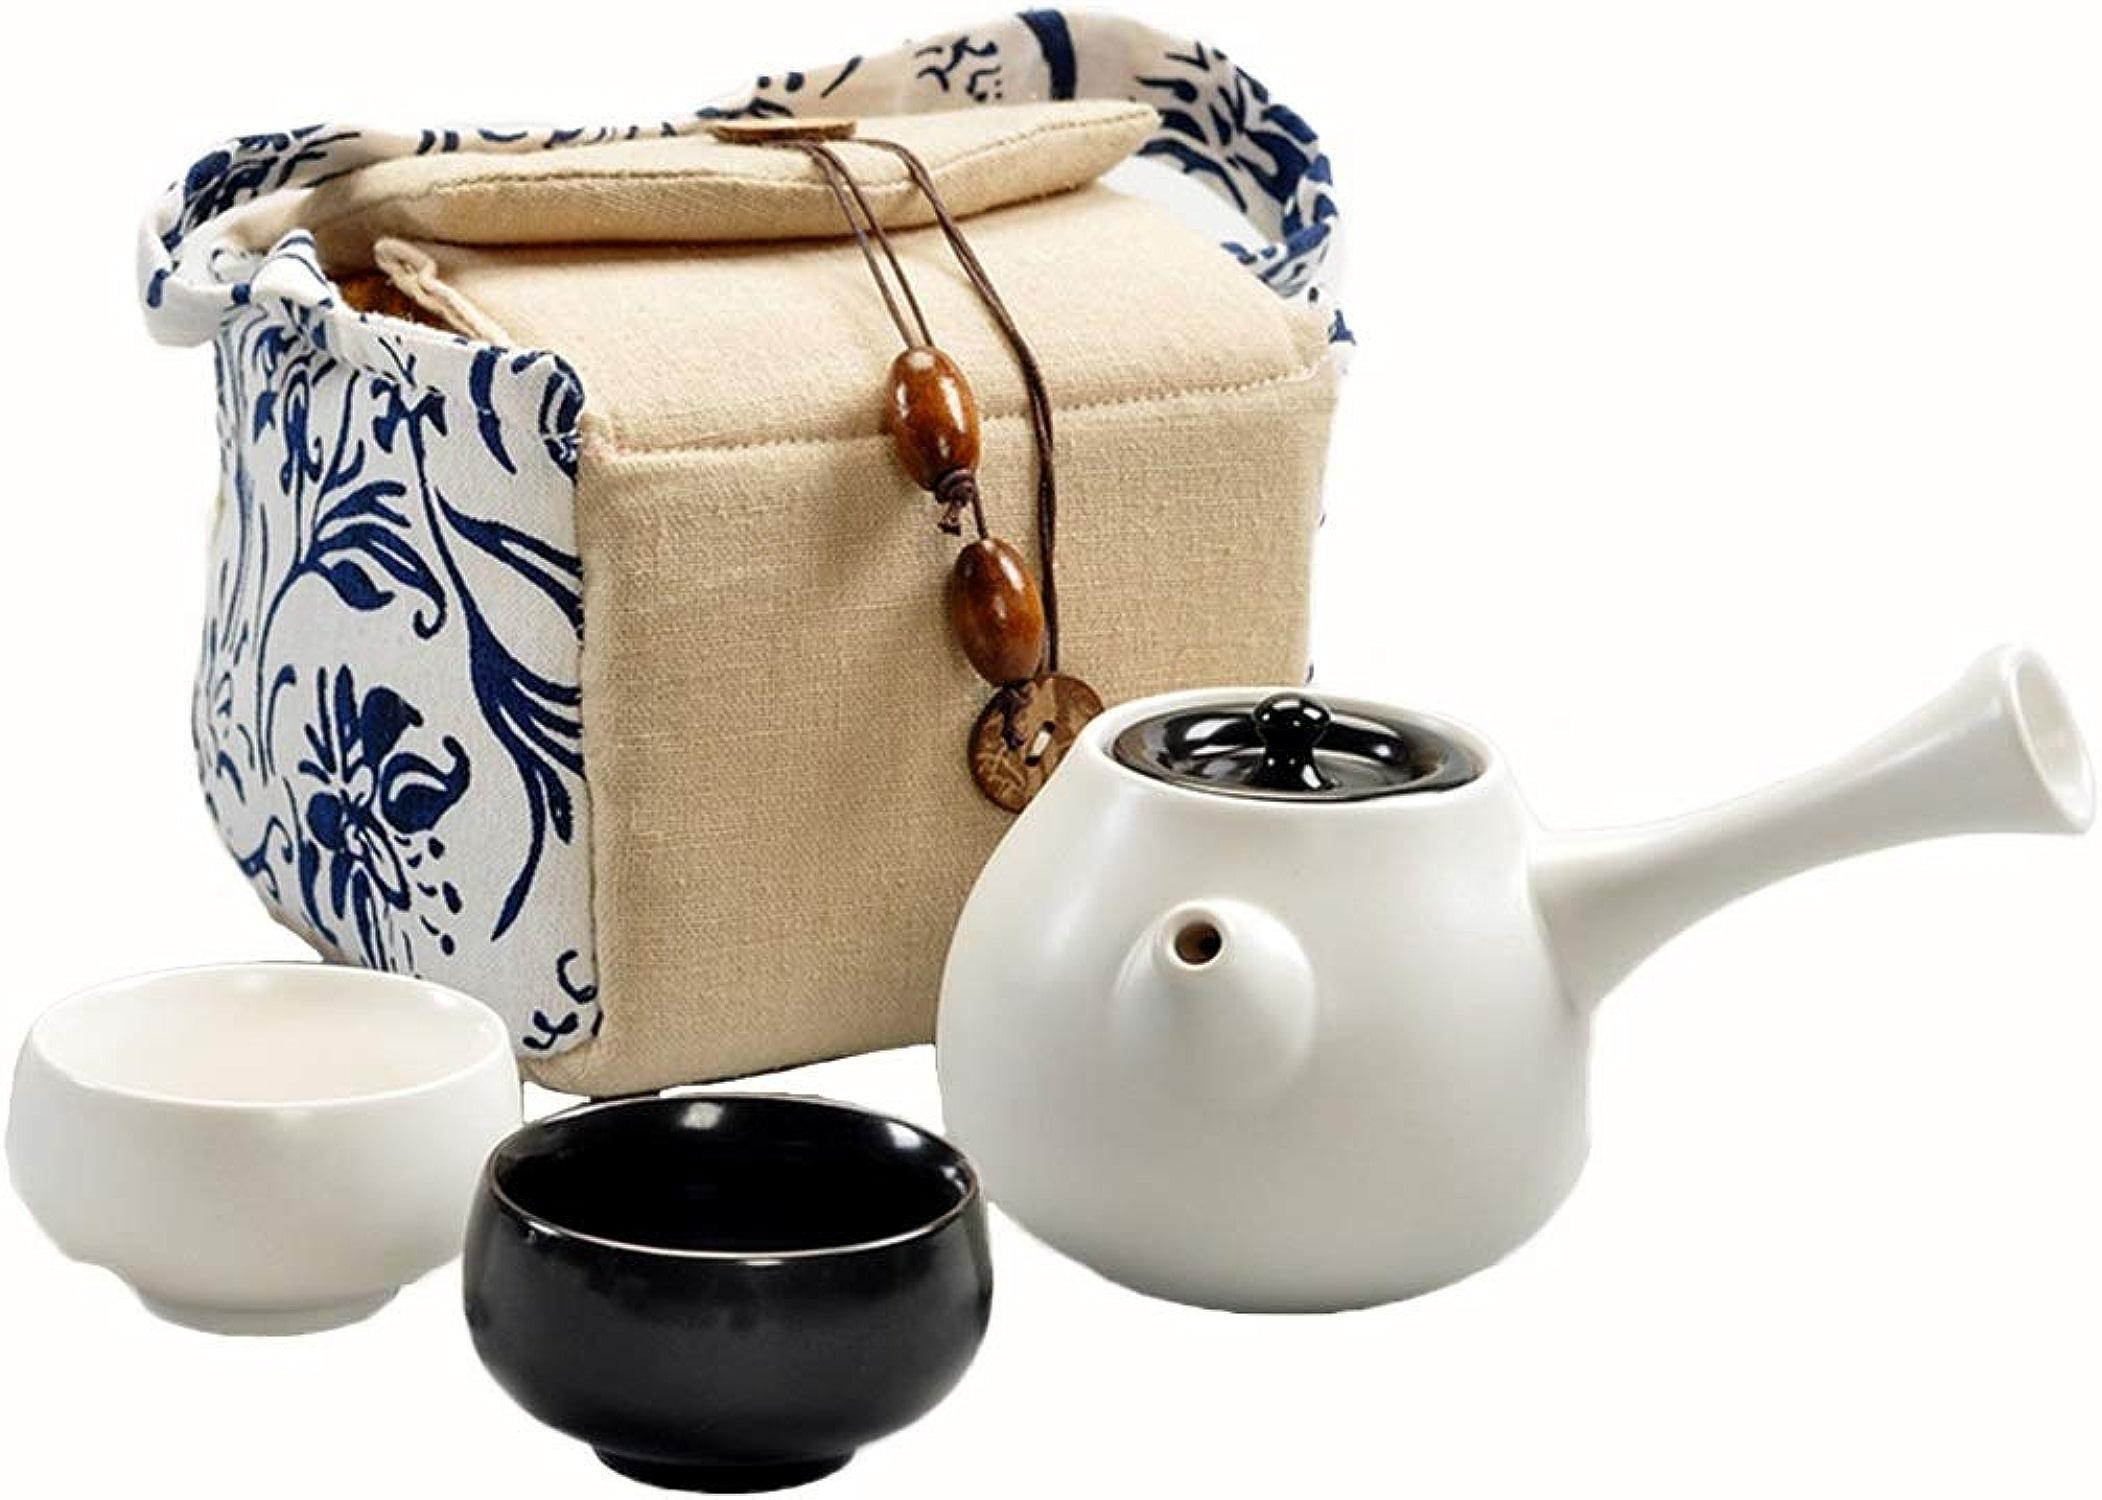 Cadeau Ensemble de thé de couleur pure, un ensemble de céramique Ensemble de thé portable Ensemble de thé de ménage poignée latérale Décoration (Couleur   Blanc)